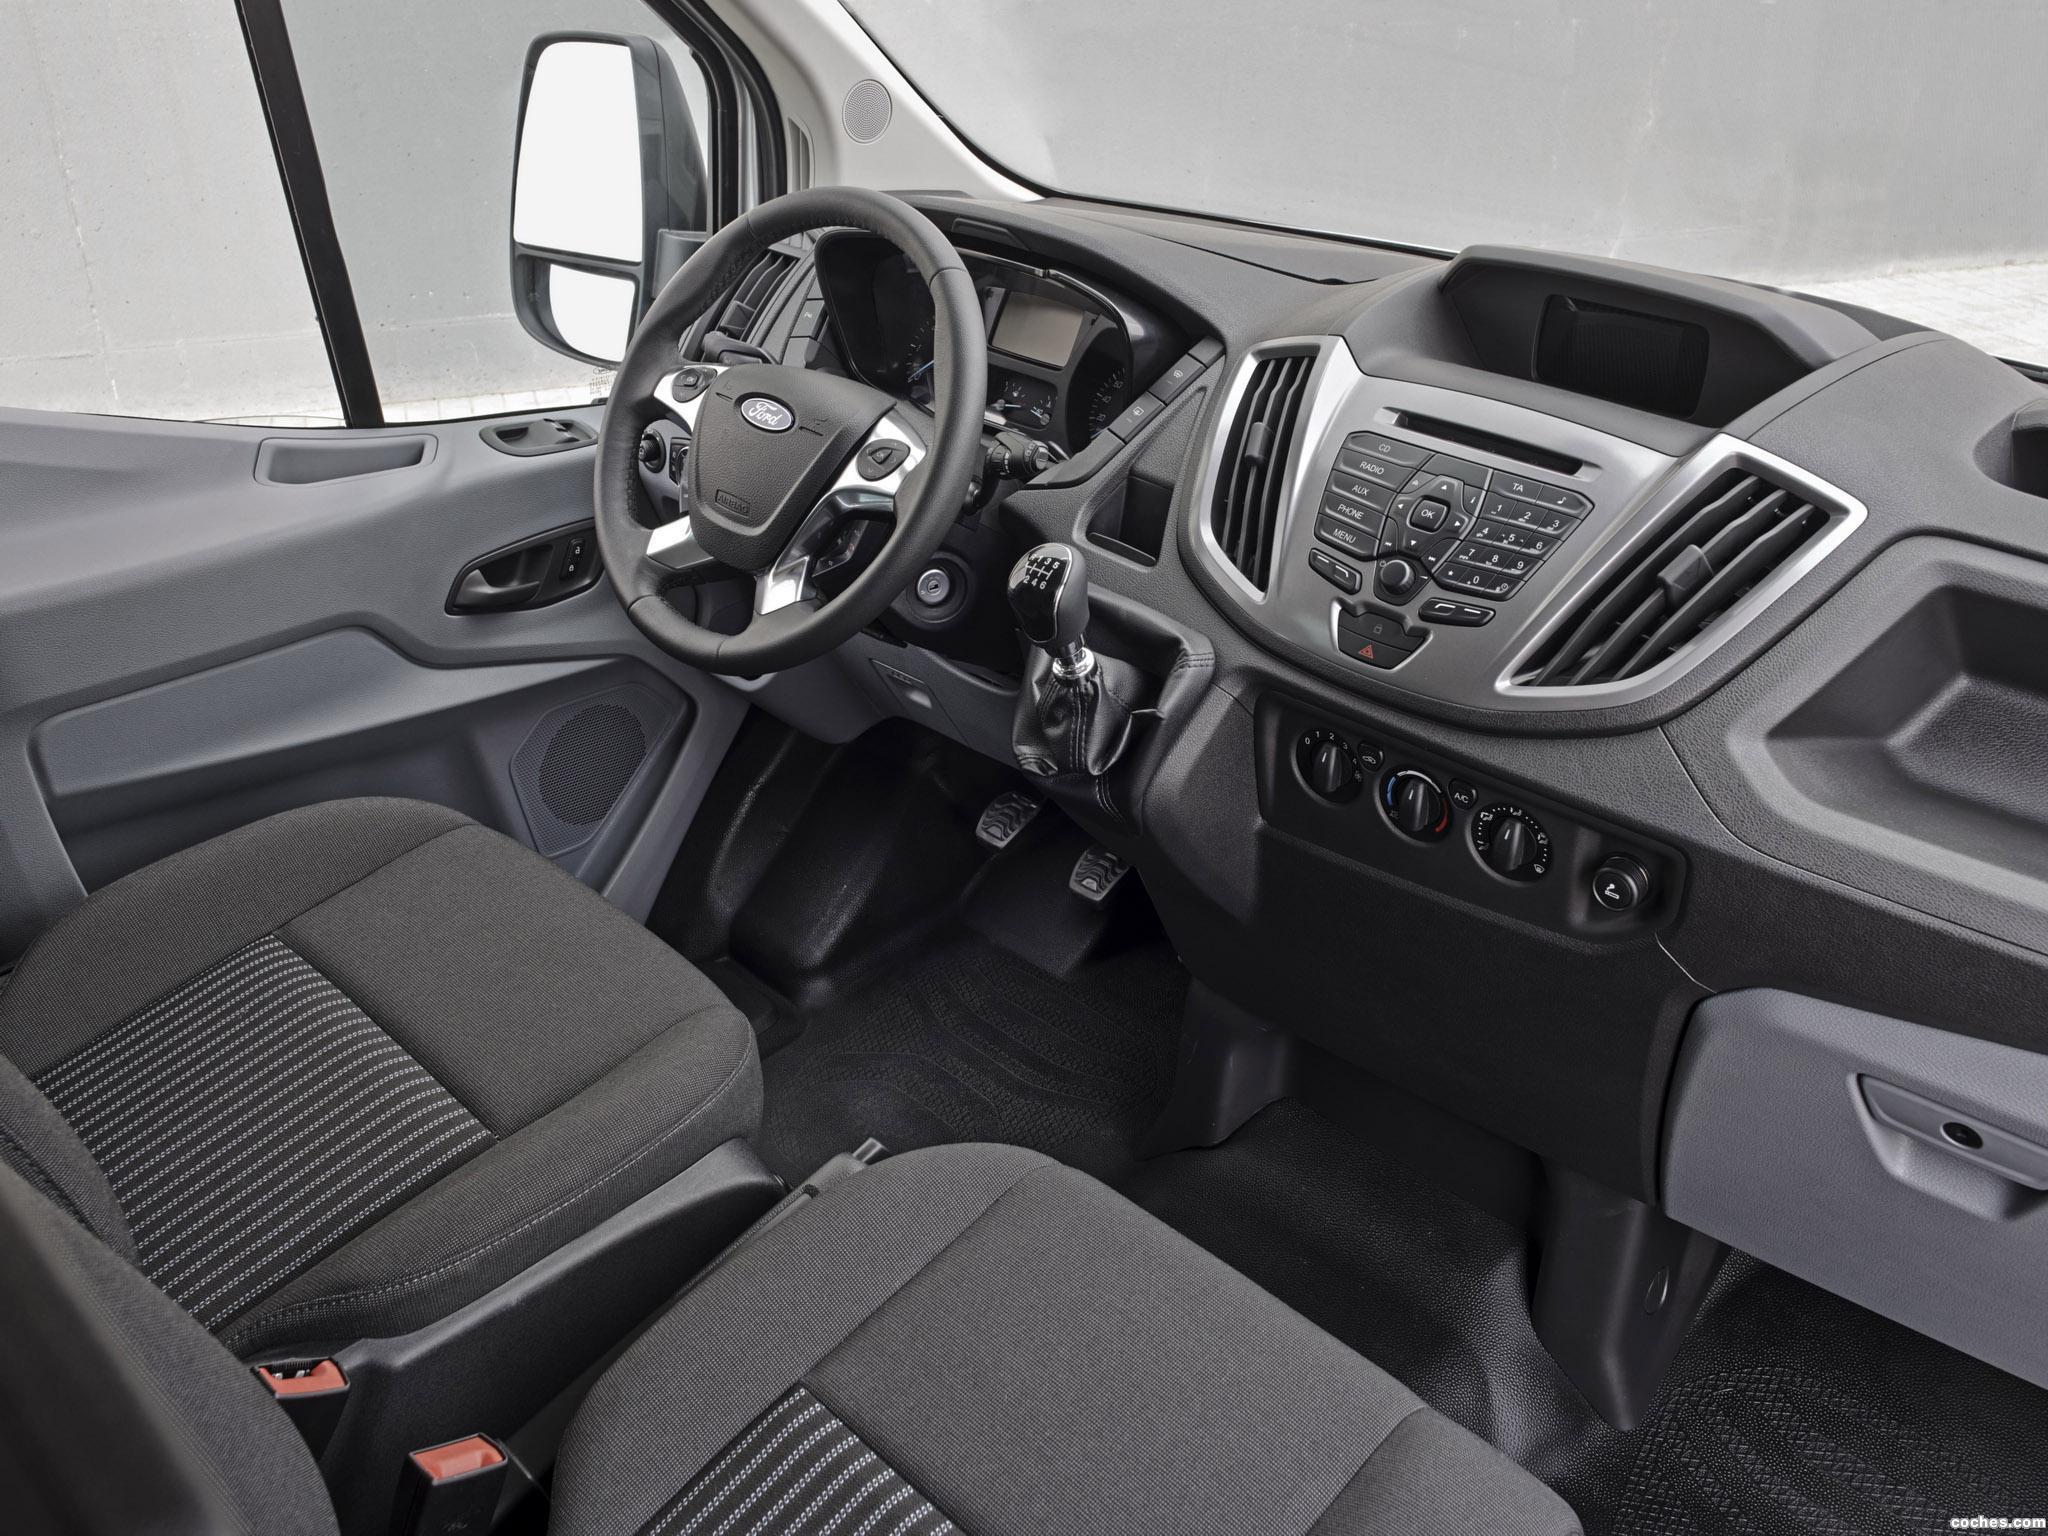 Fotos de ford transit chasis cabina 2014 foto 4 - Chasis cabina ...